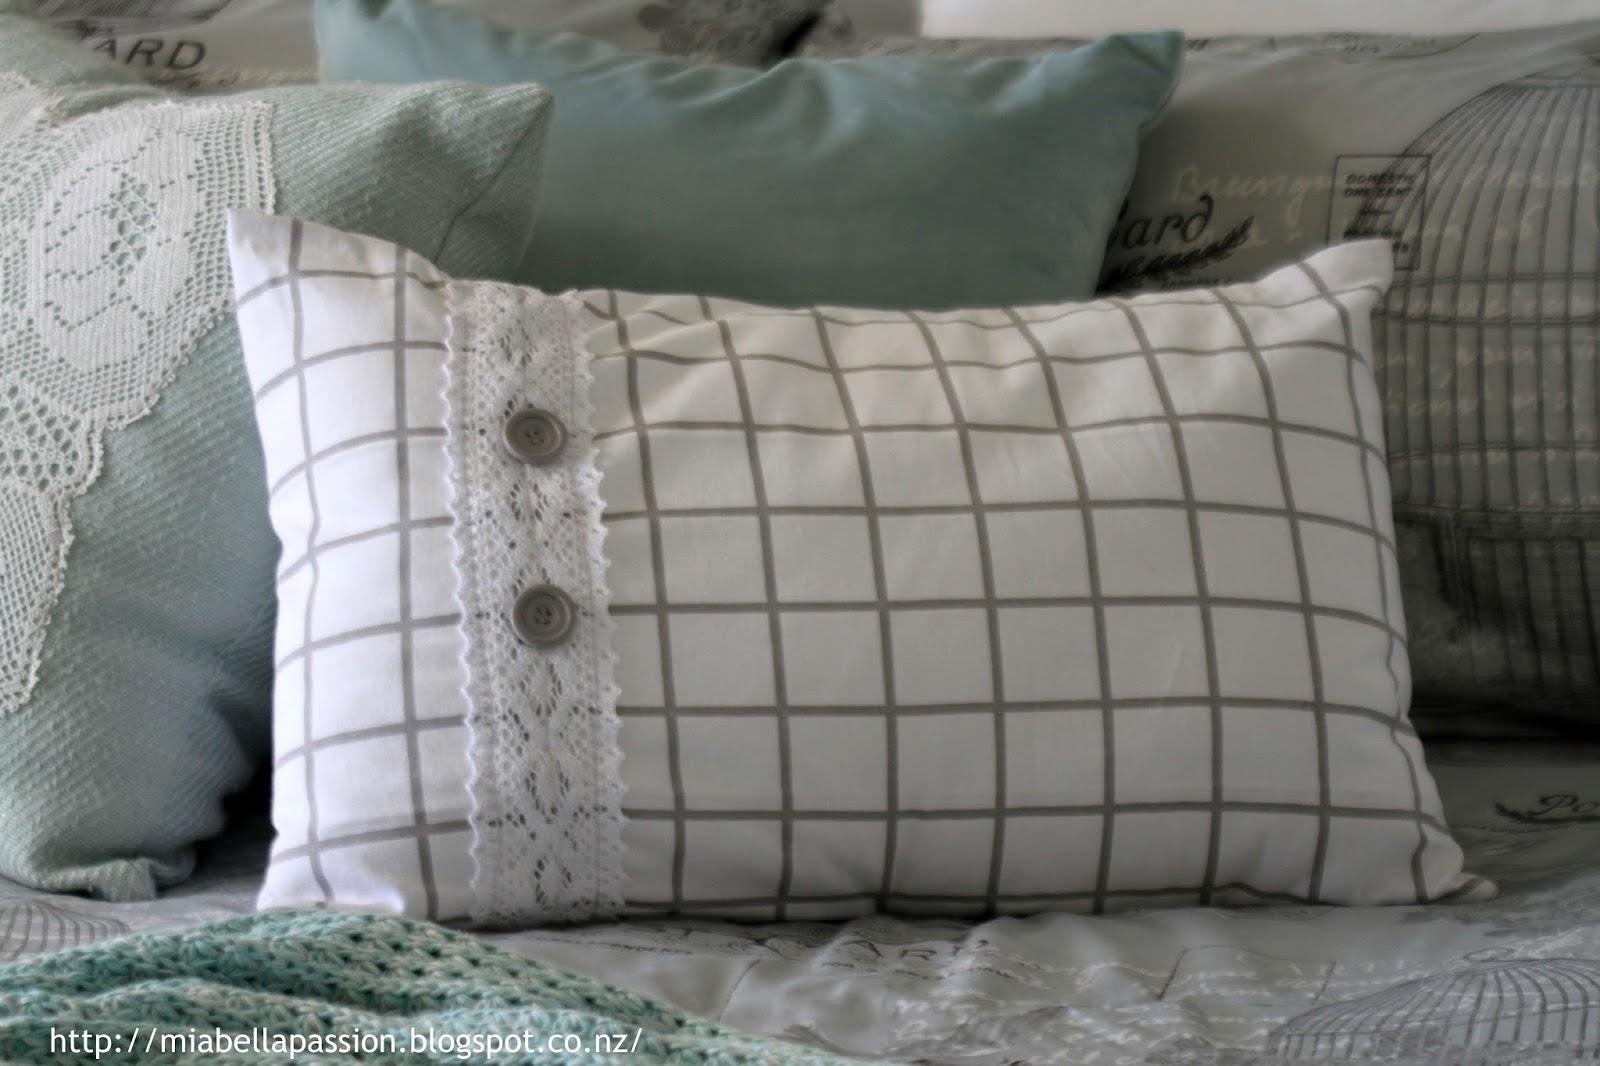 Mia Bella Passions The Grid Diy Tea Towel Cushion